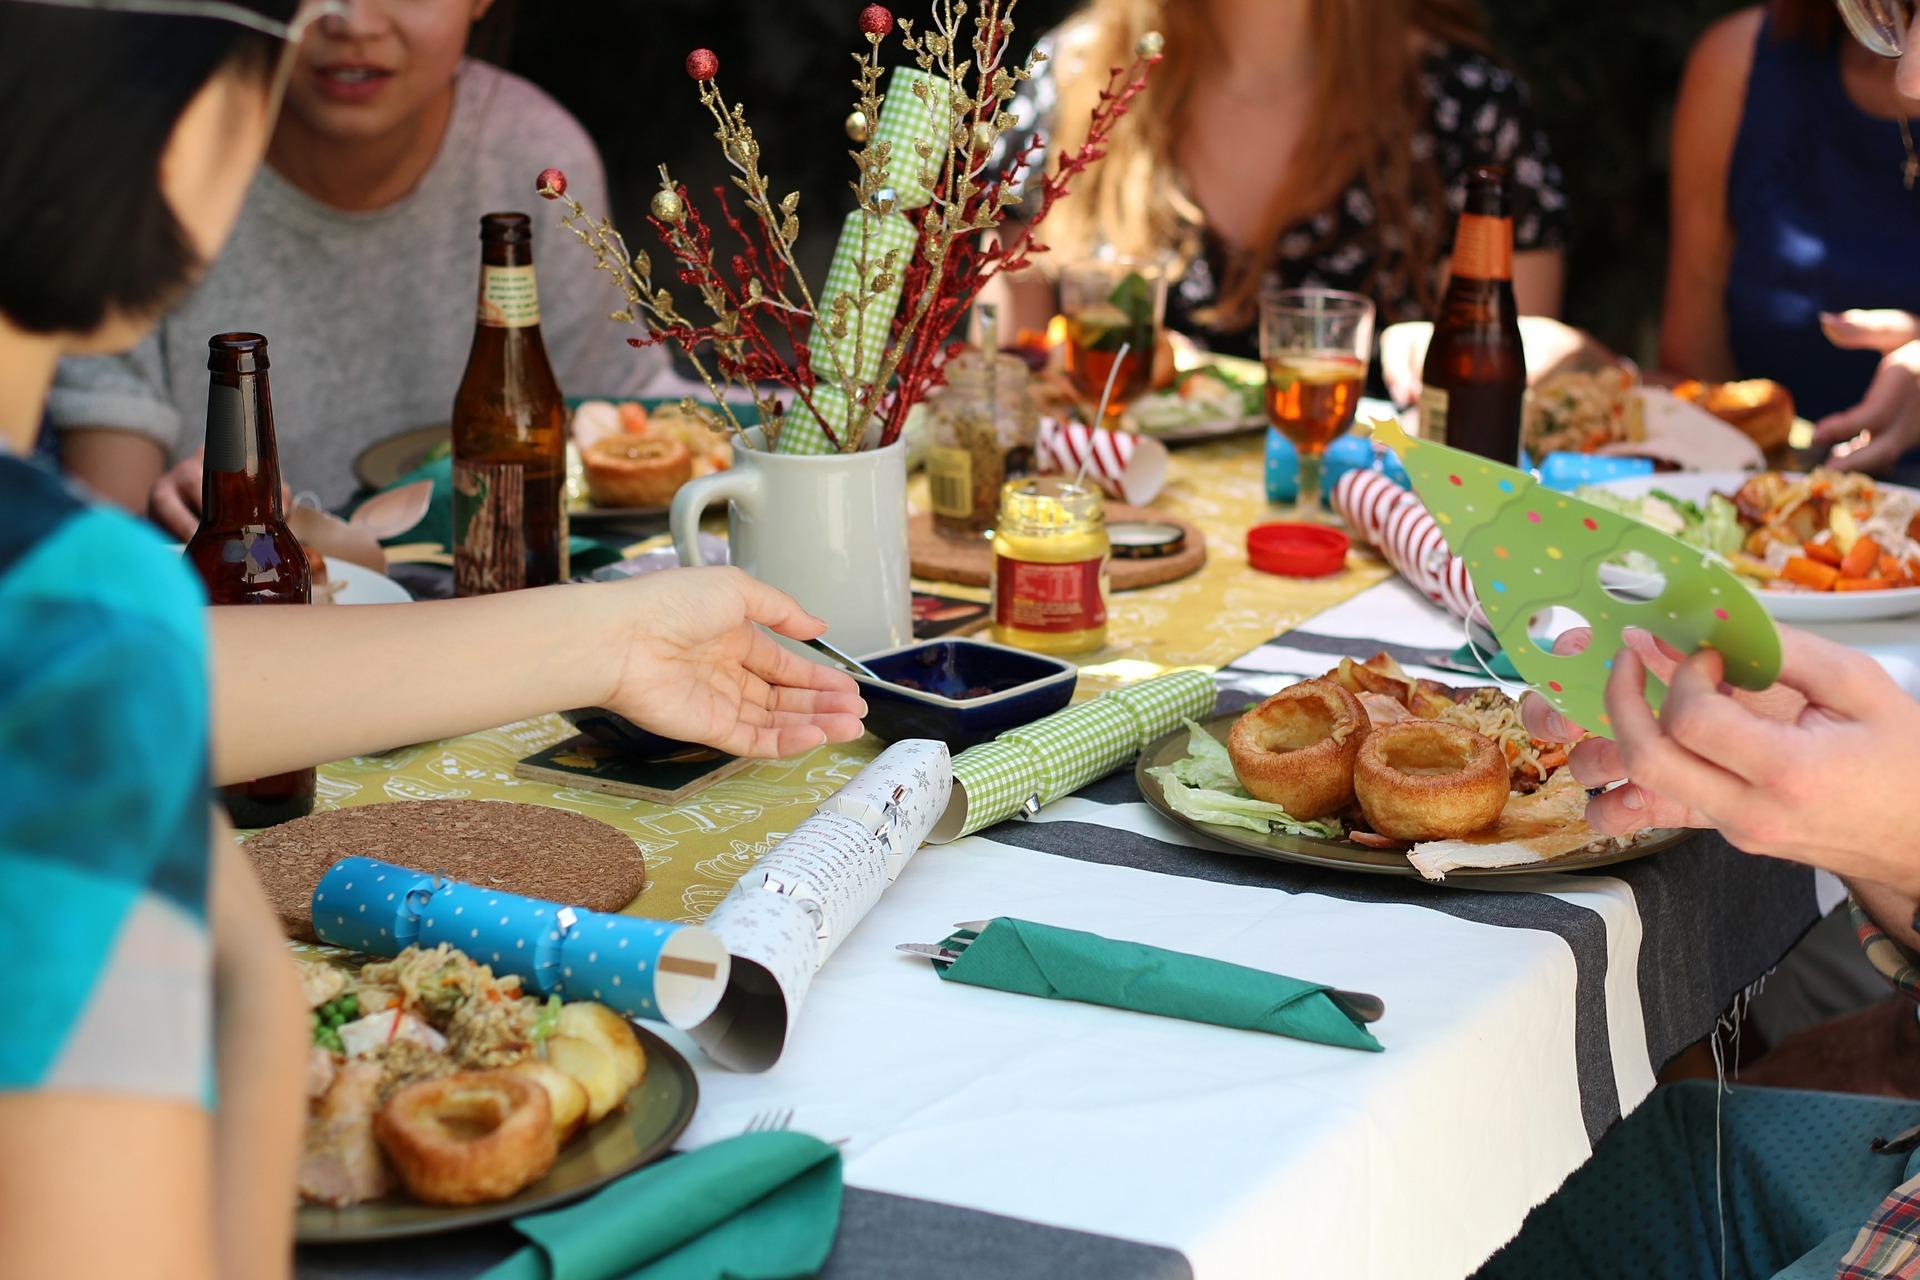 Amigos em volta de uma mesa repleta de comes e bebes, celebrando entre eles.